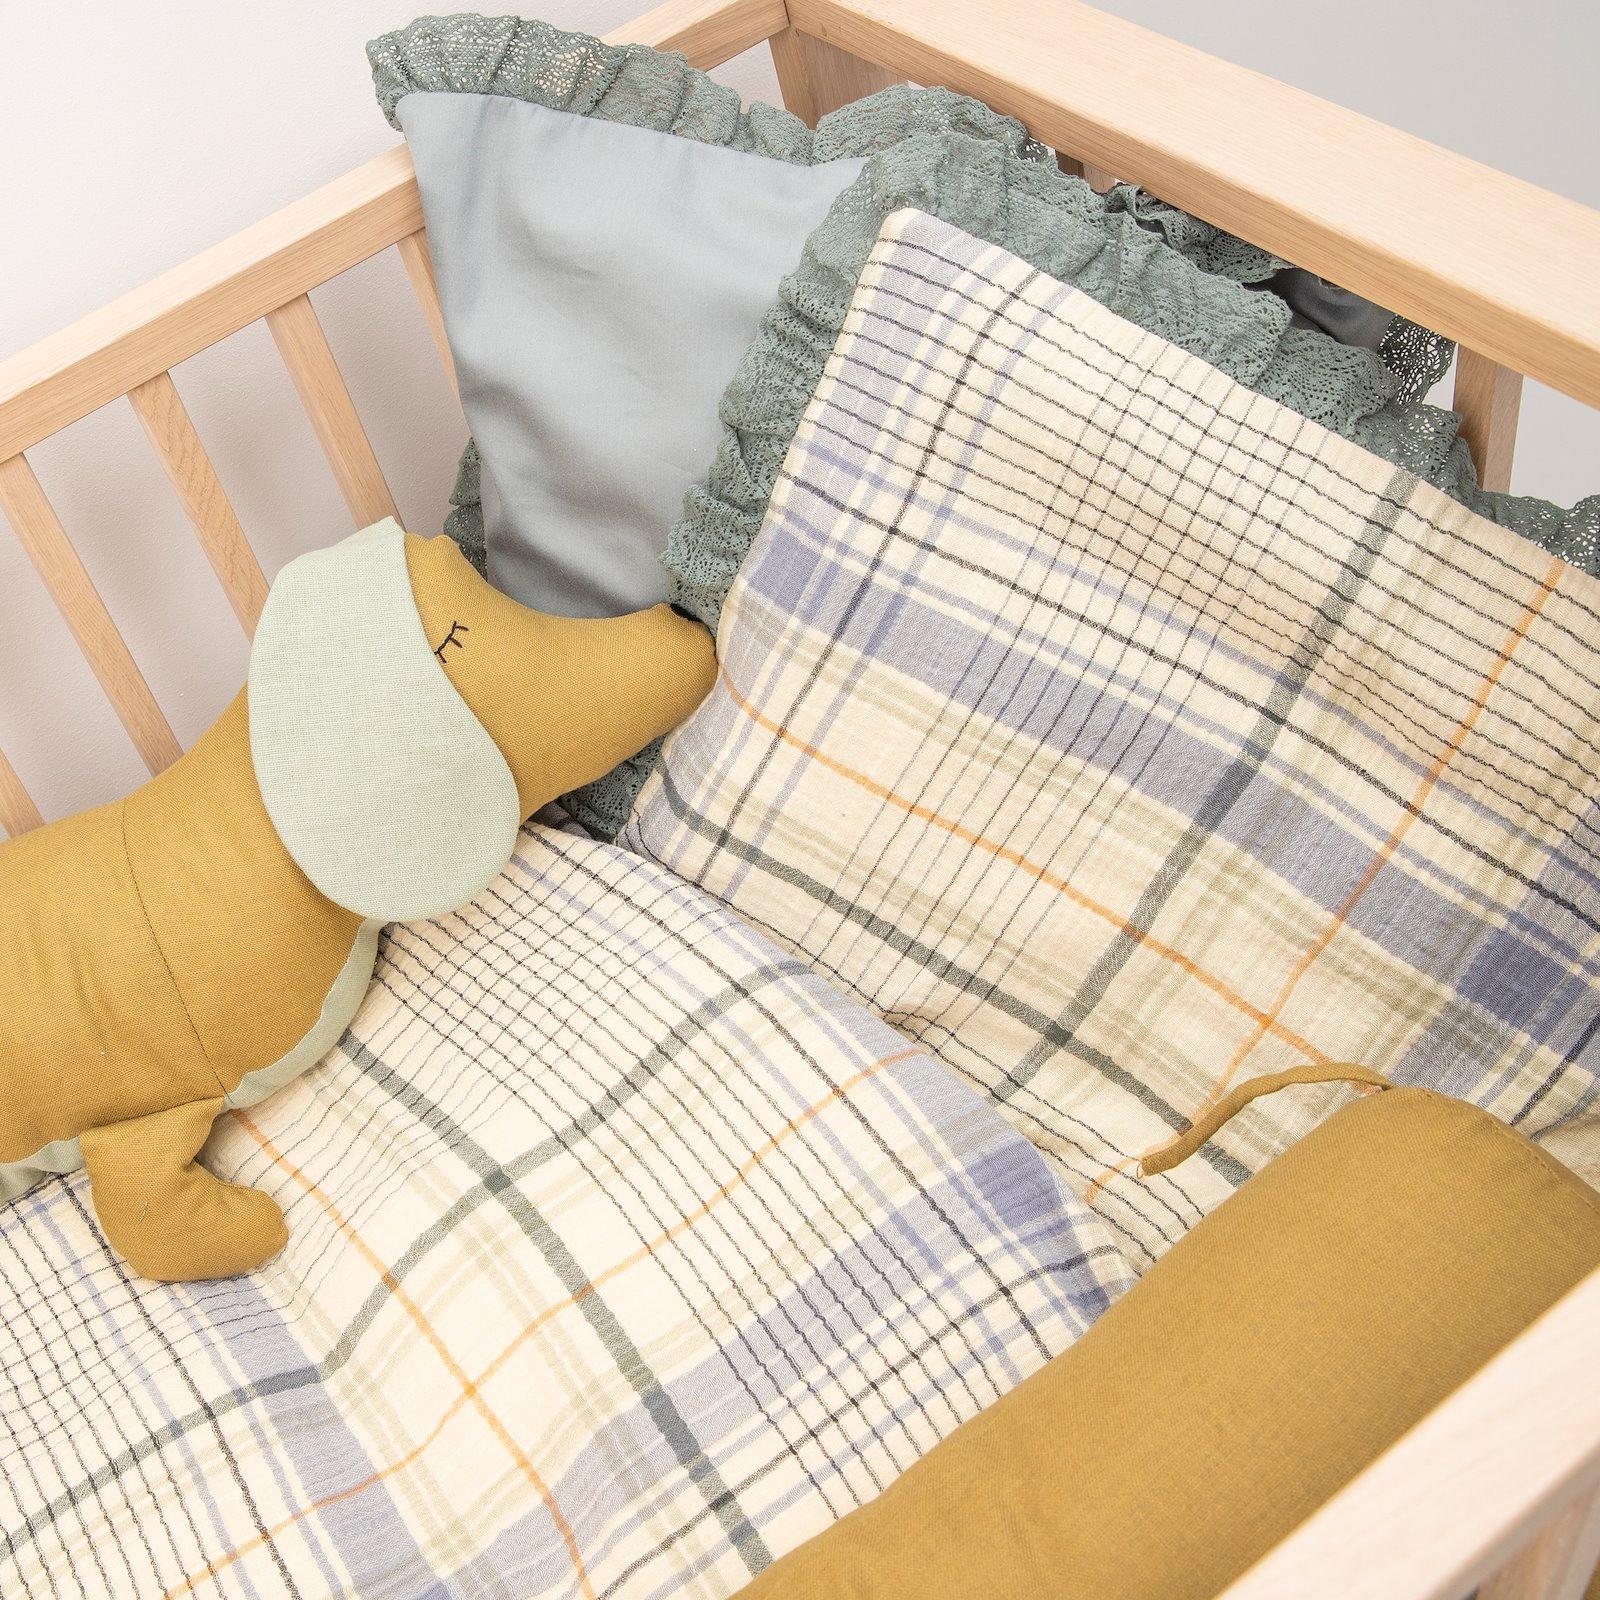 Linen/cotton light dusty olive p90076_501897_22246_p90316_410131_410146_bundle